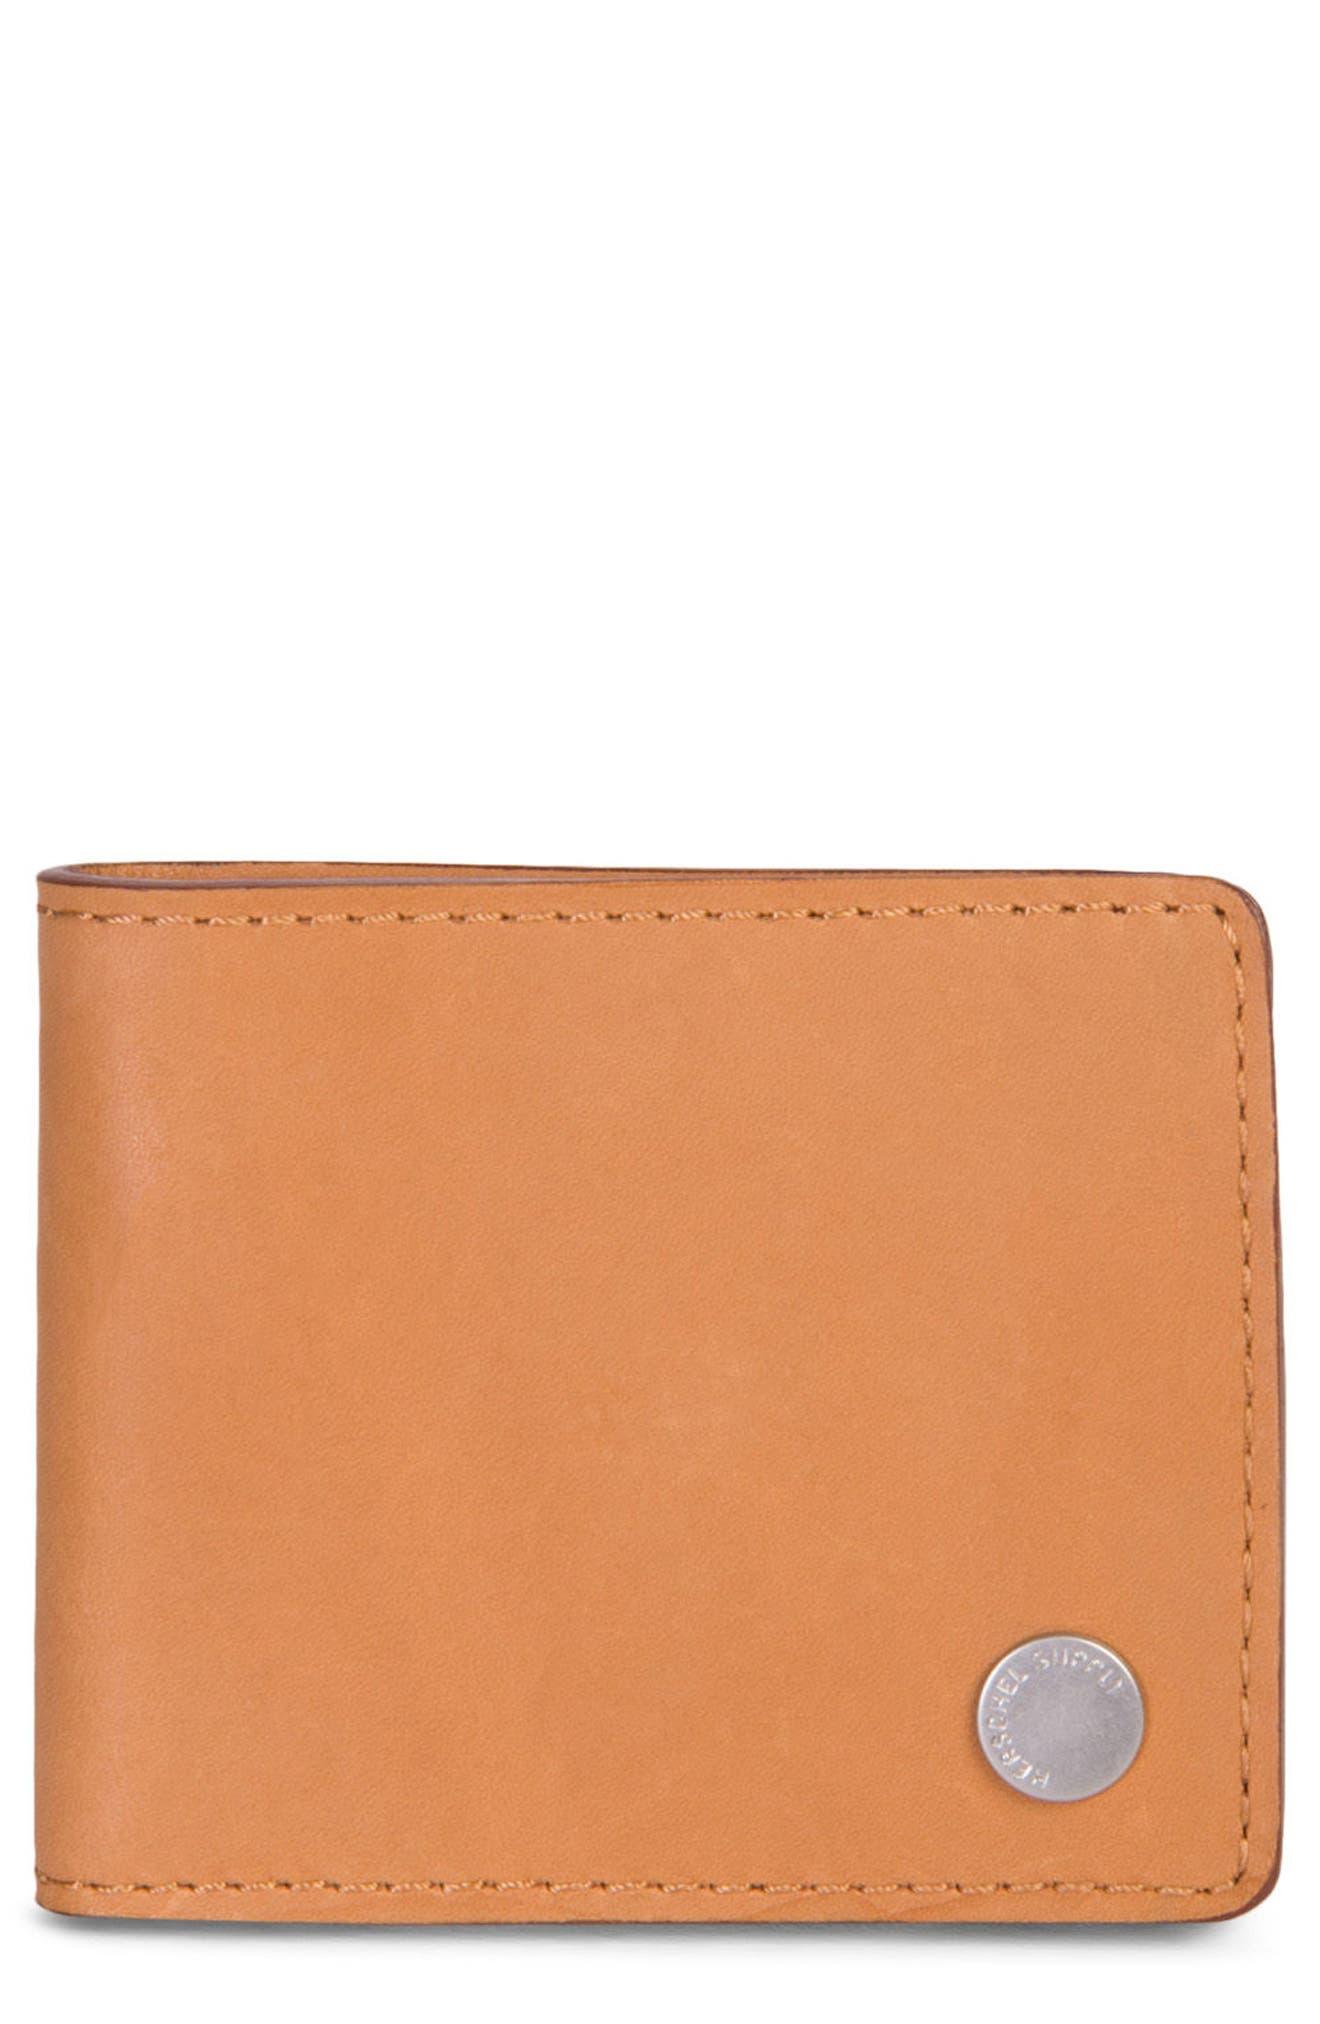 Vincent Saddle Leather Wallet,                             Main thumbnail 1, color,                             Tan